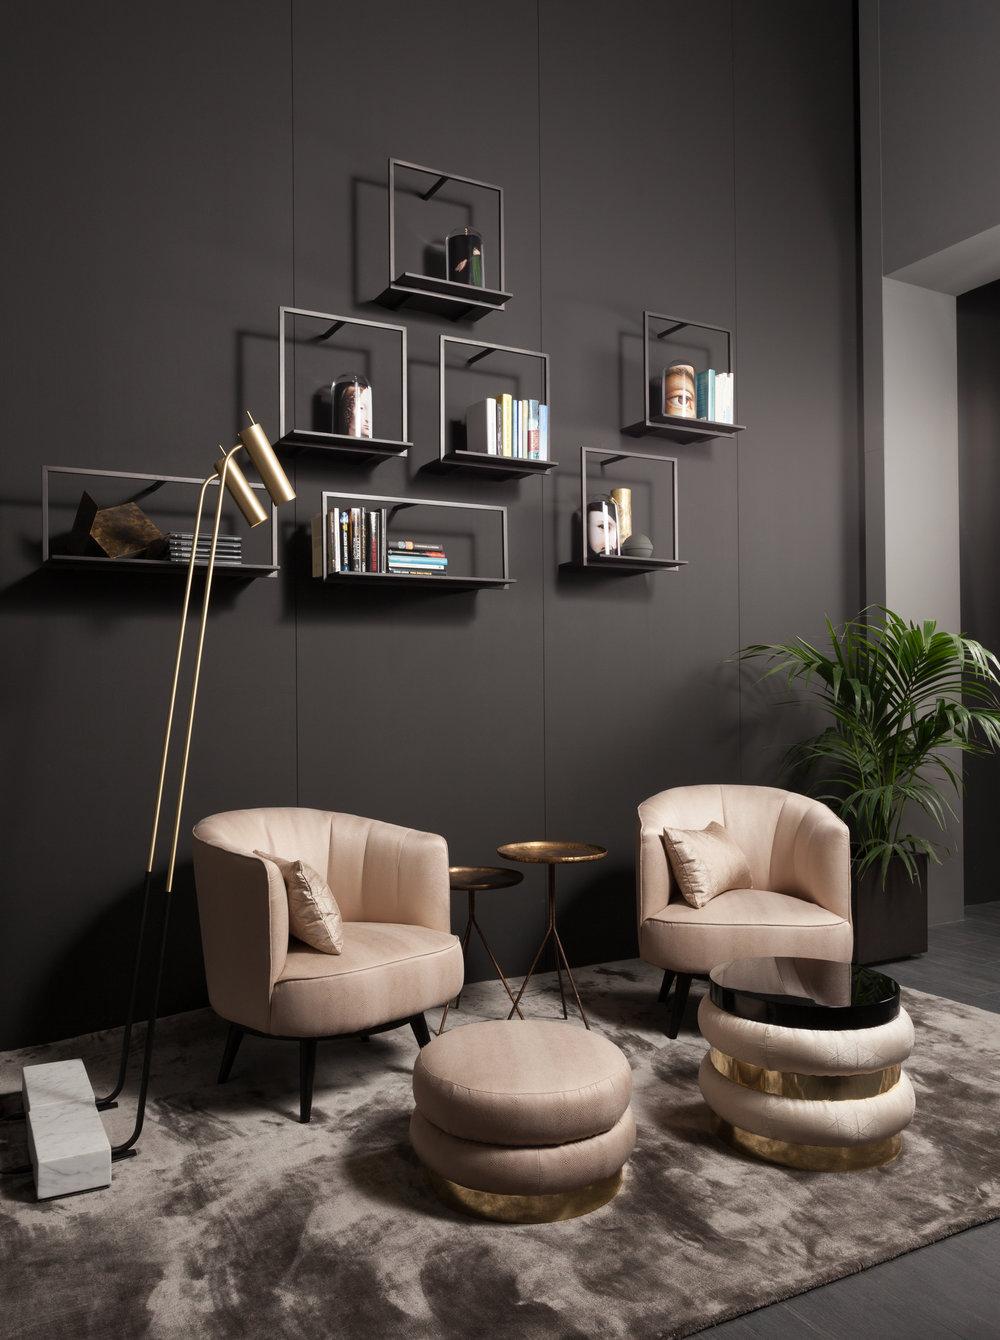 1650-CORDI-armchair-9325-CHIGNON-9730-PROFILE.jpg